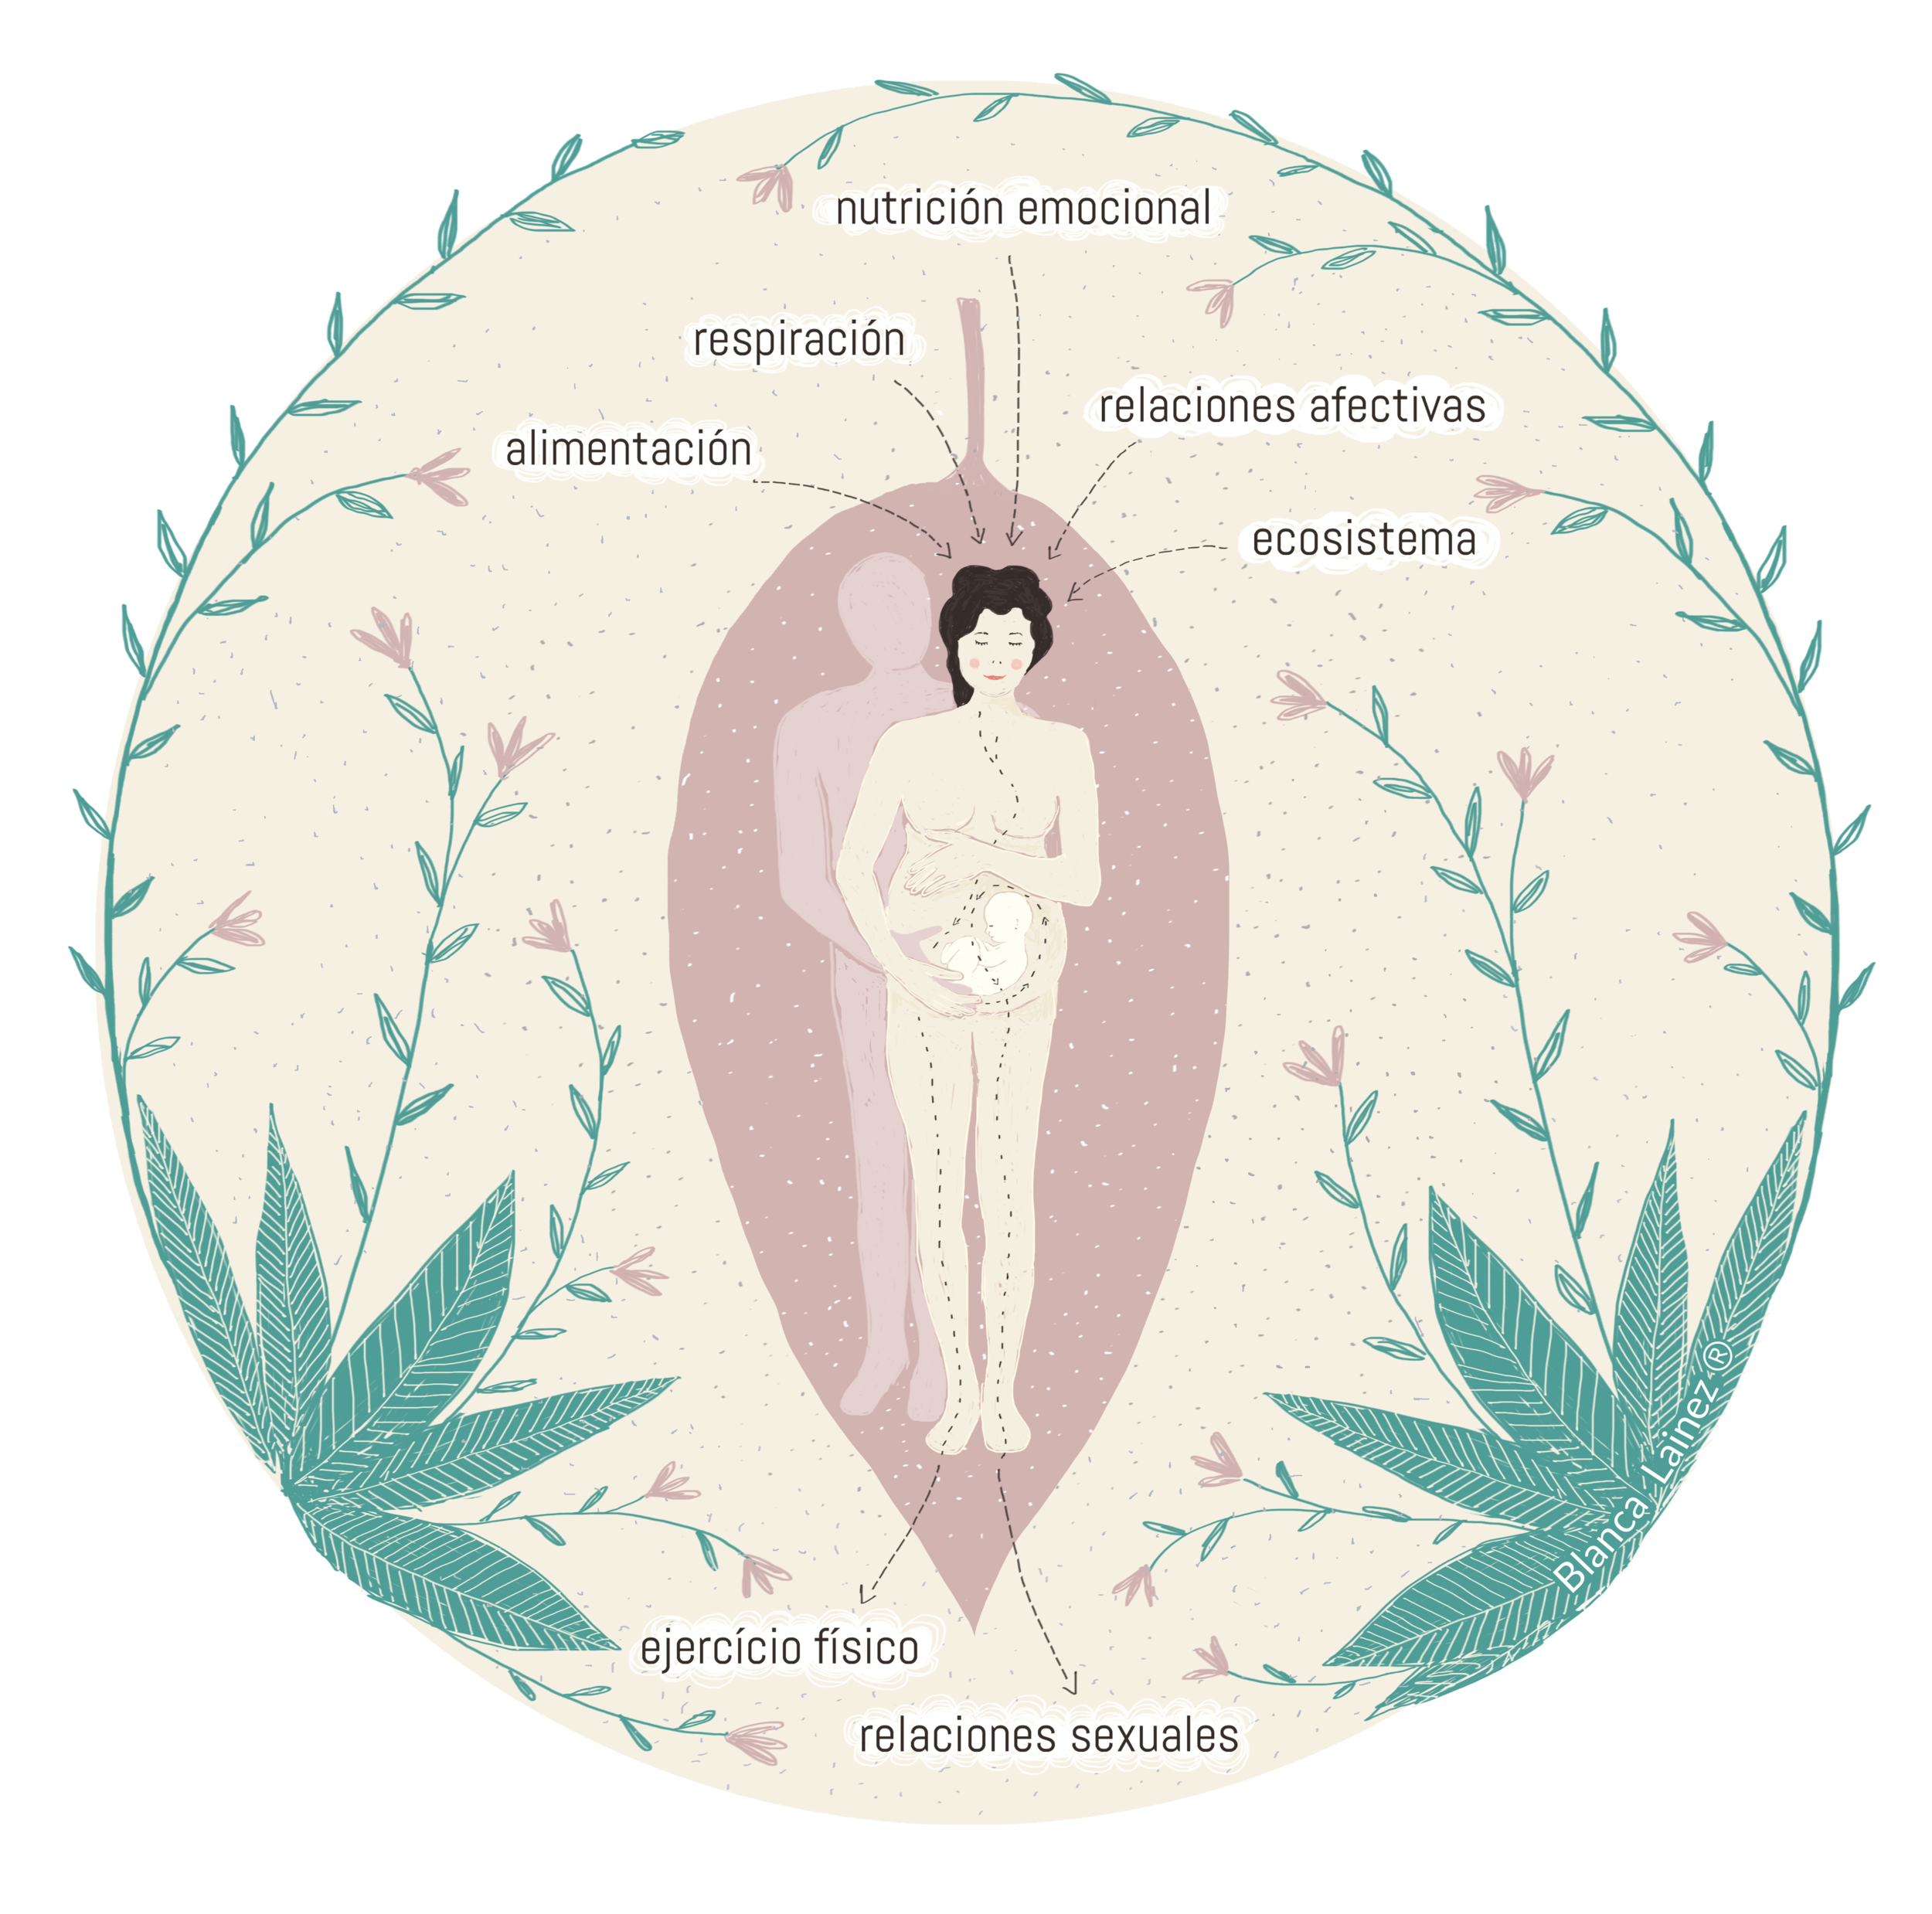 embarazo ecológico REG II.png